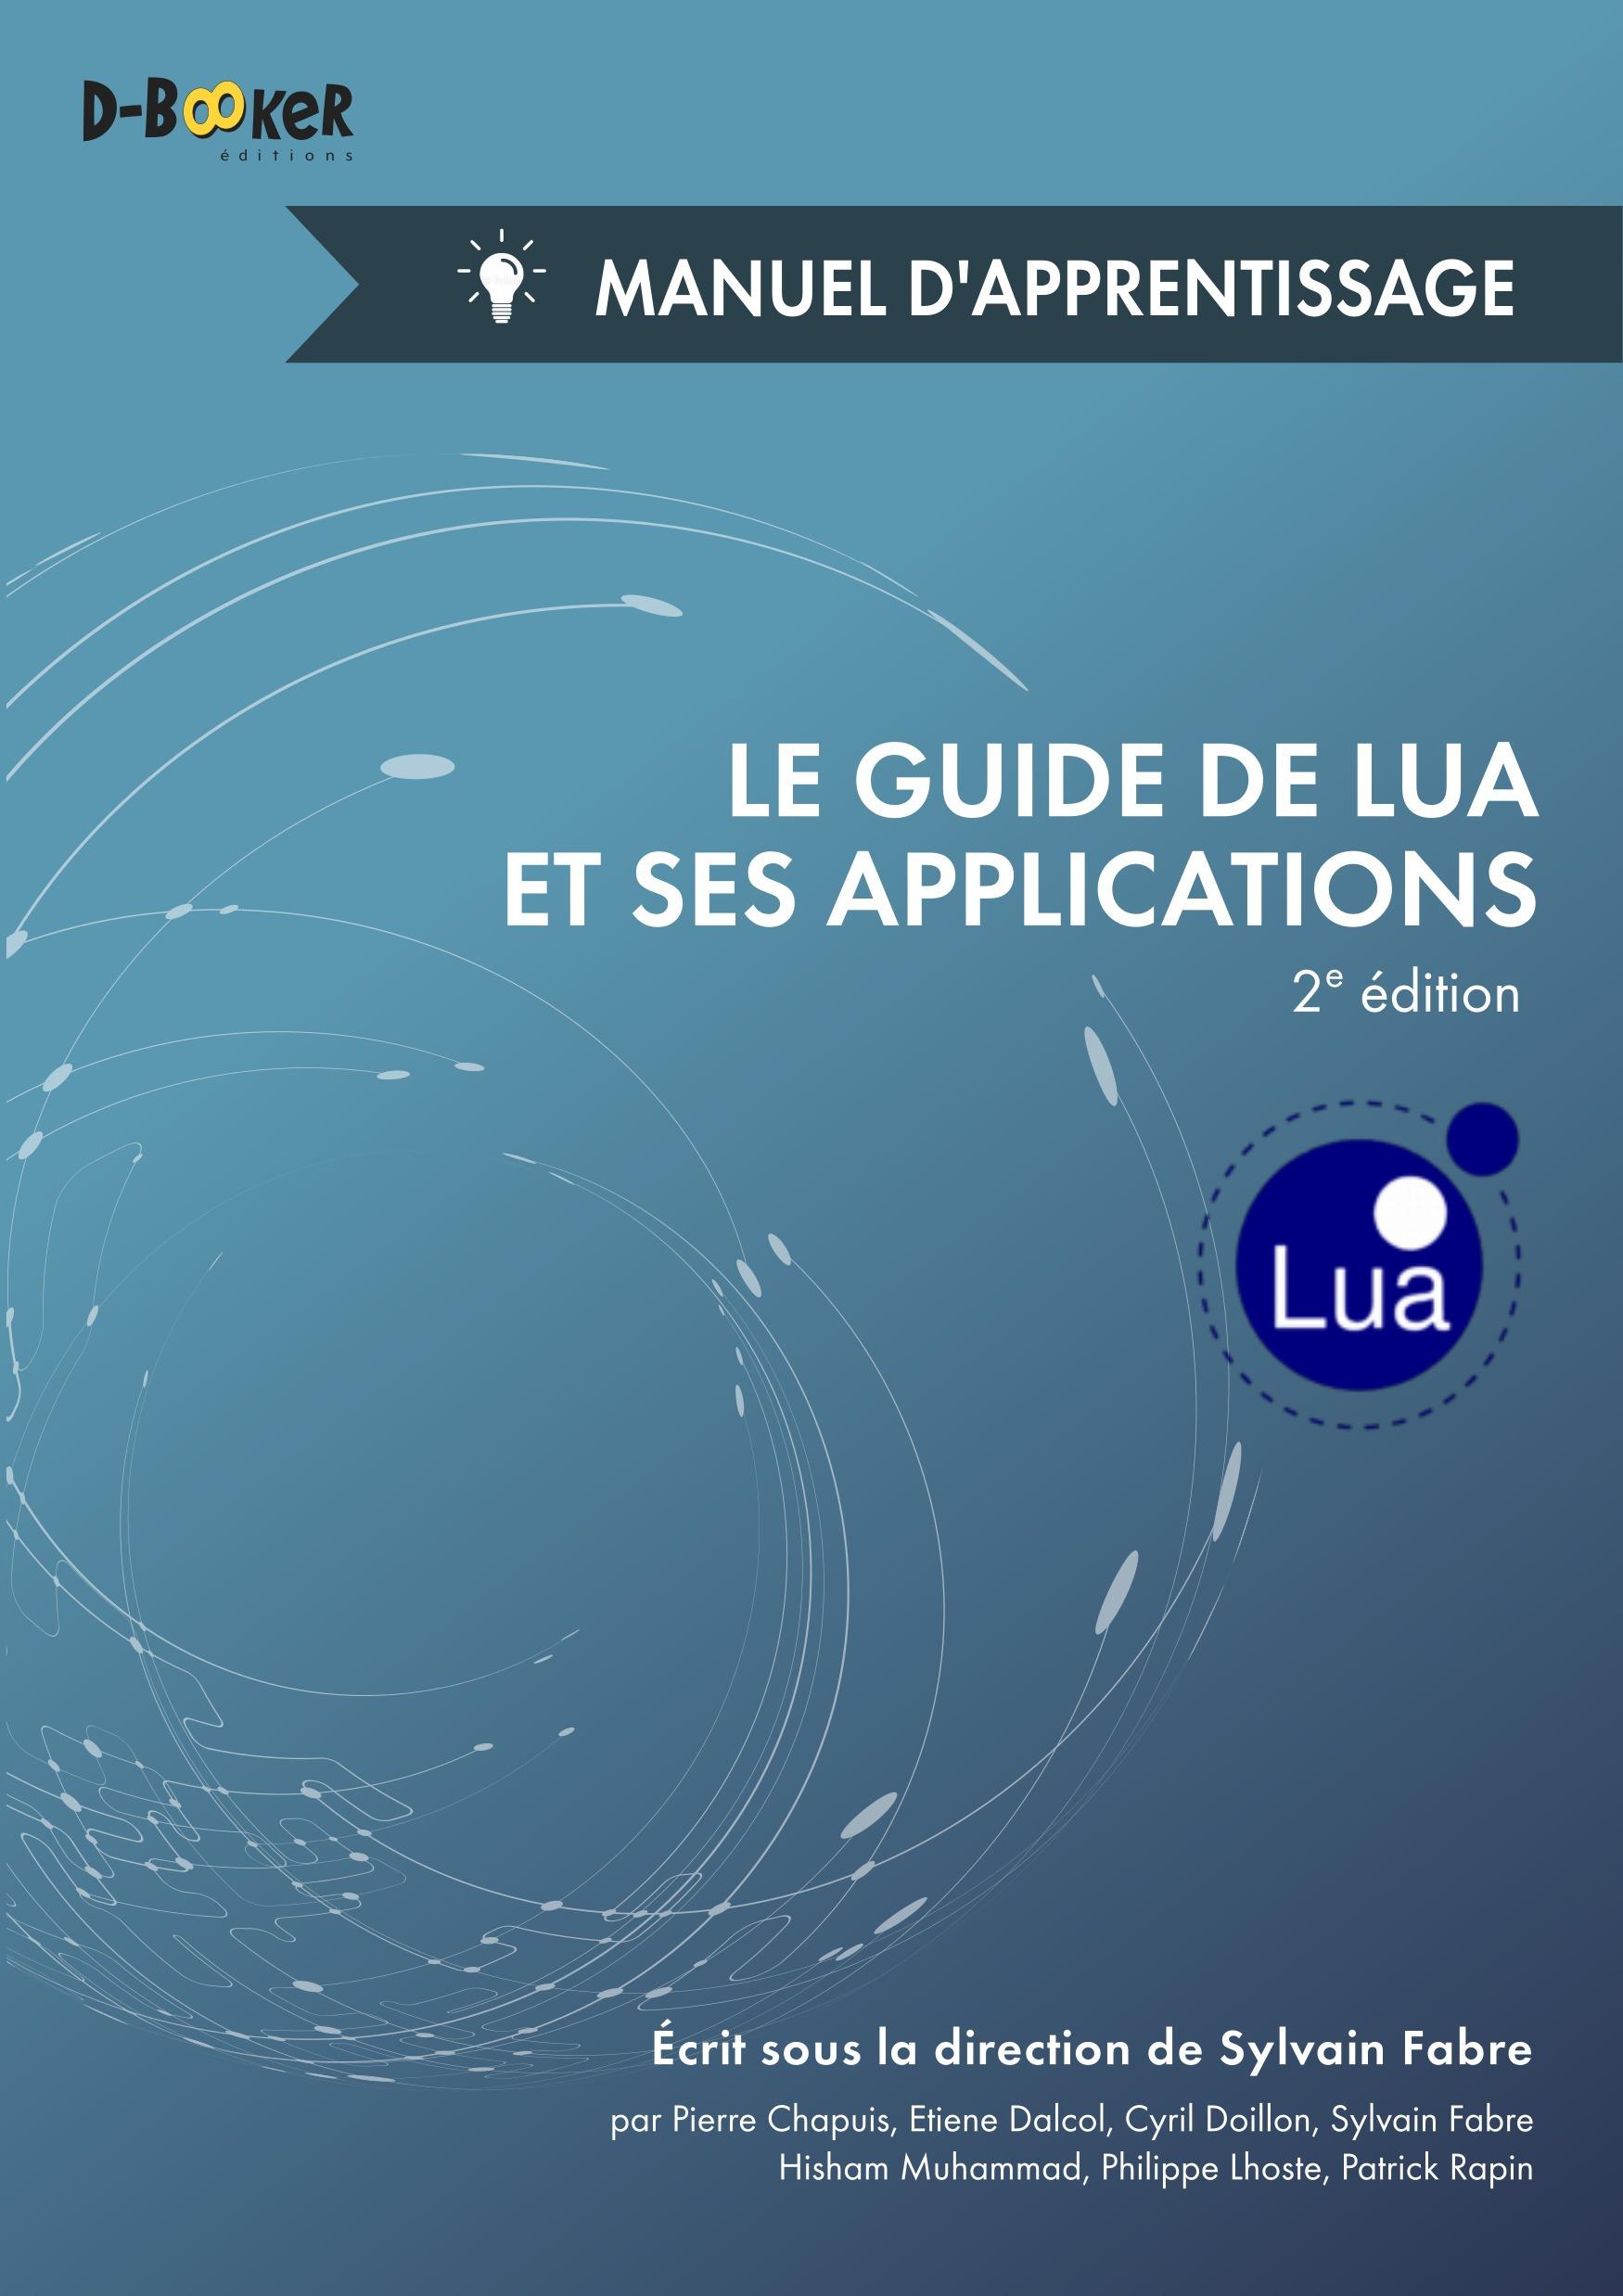 Le guide de Lua et ses applications ; manuel d'apprentissage (2e édition)